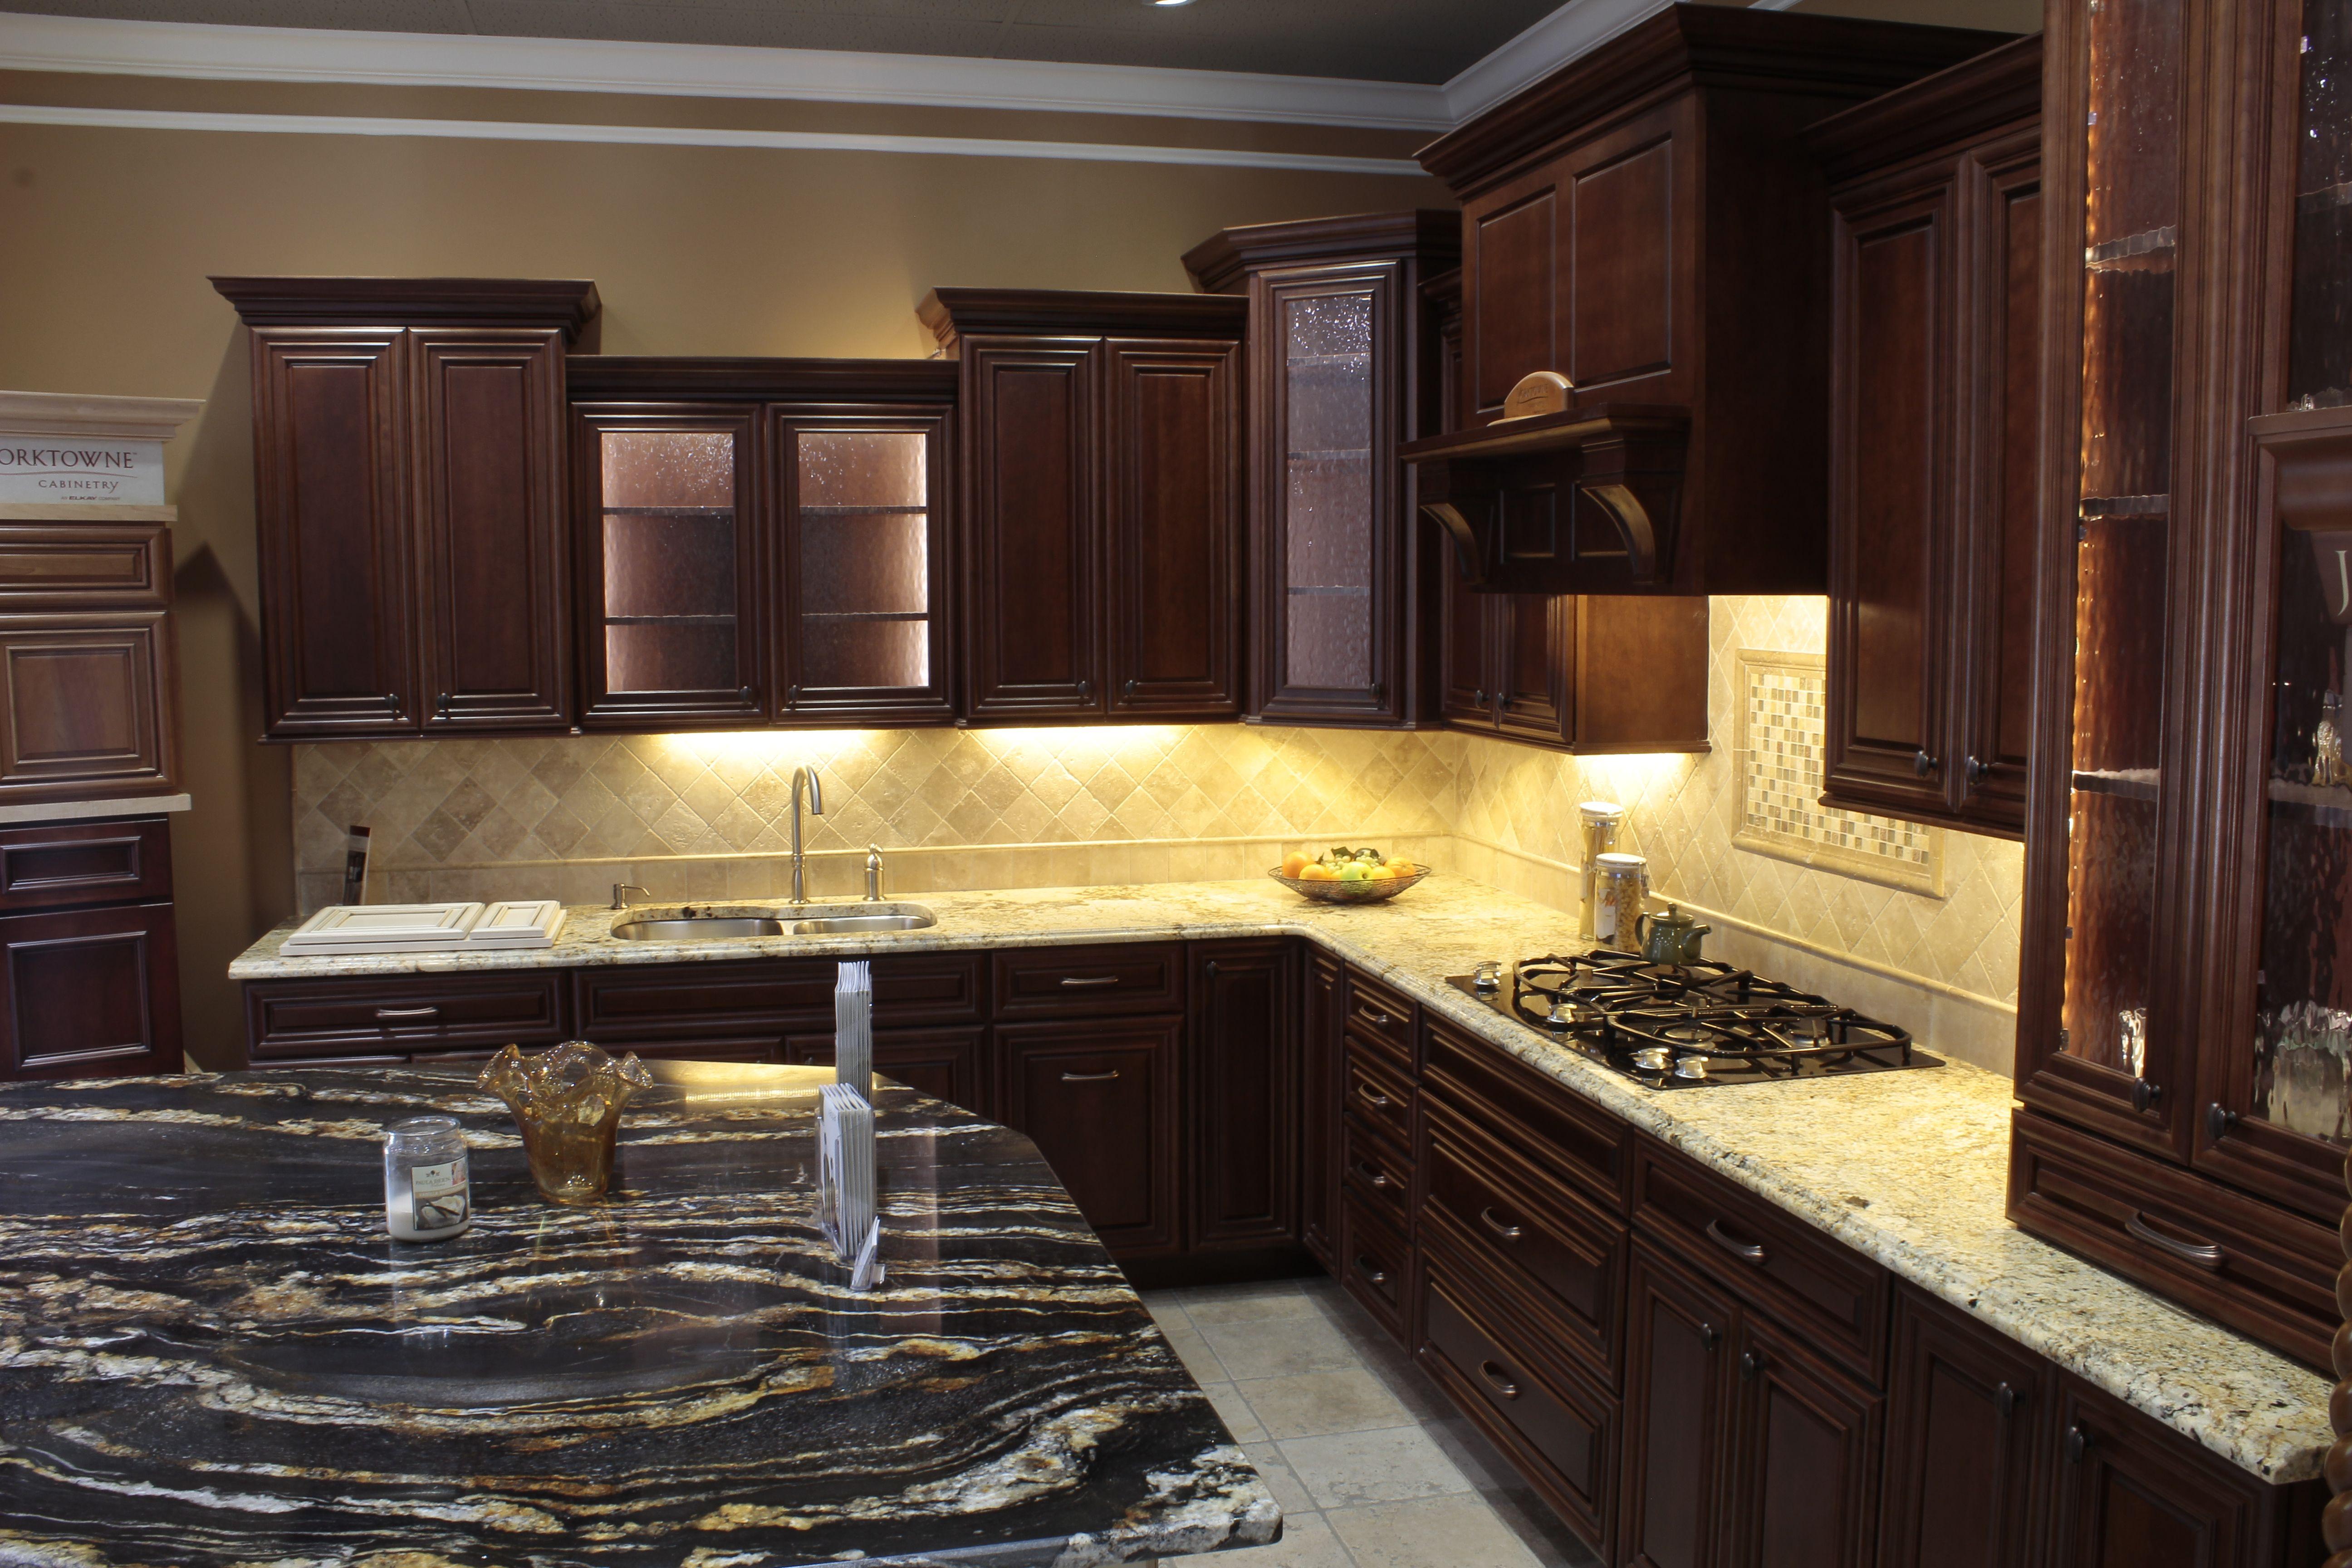 Yorktowne Kitchen Cabinets Home Design - yorktowne kitchen ...